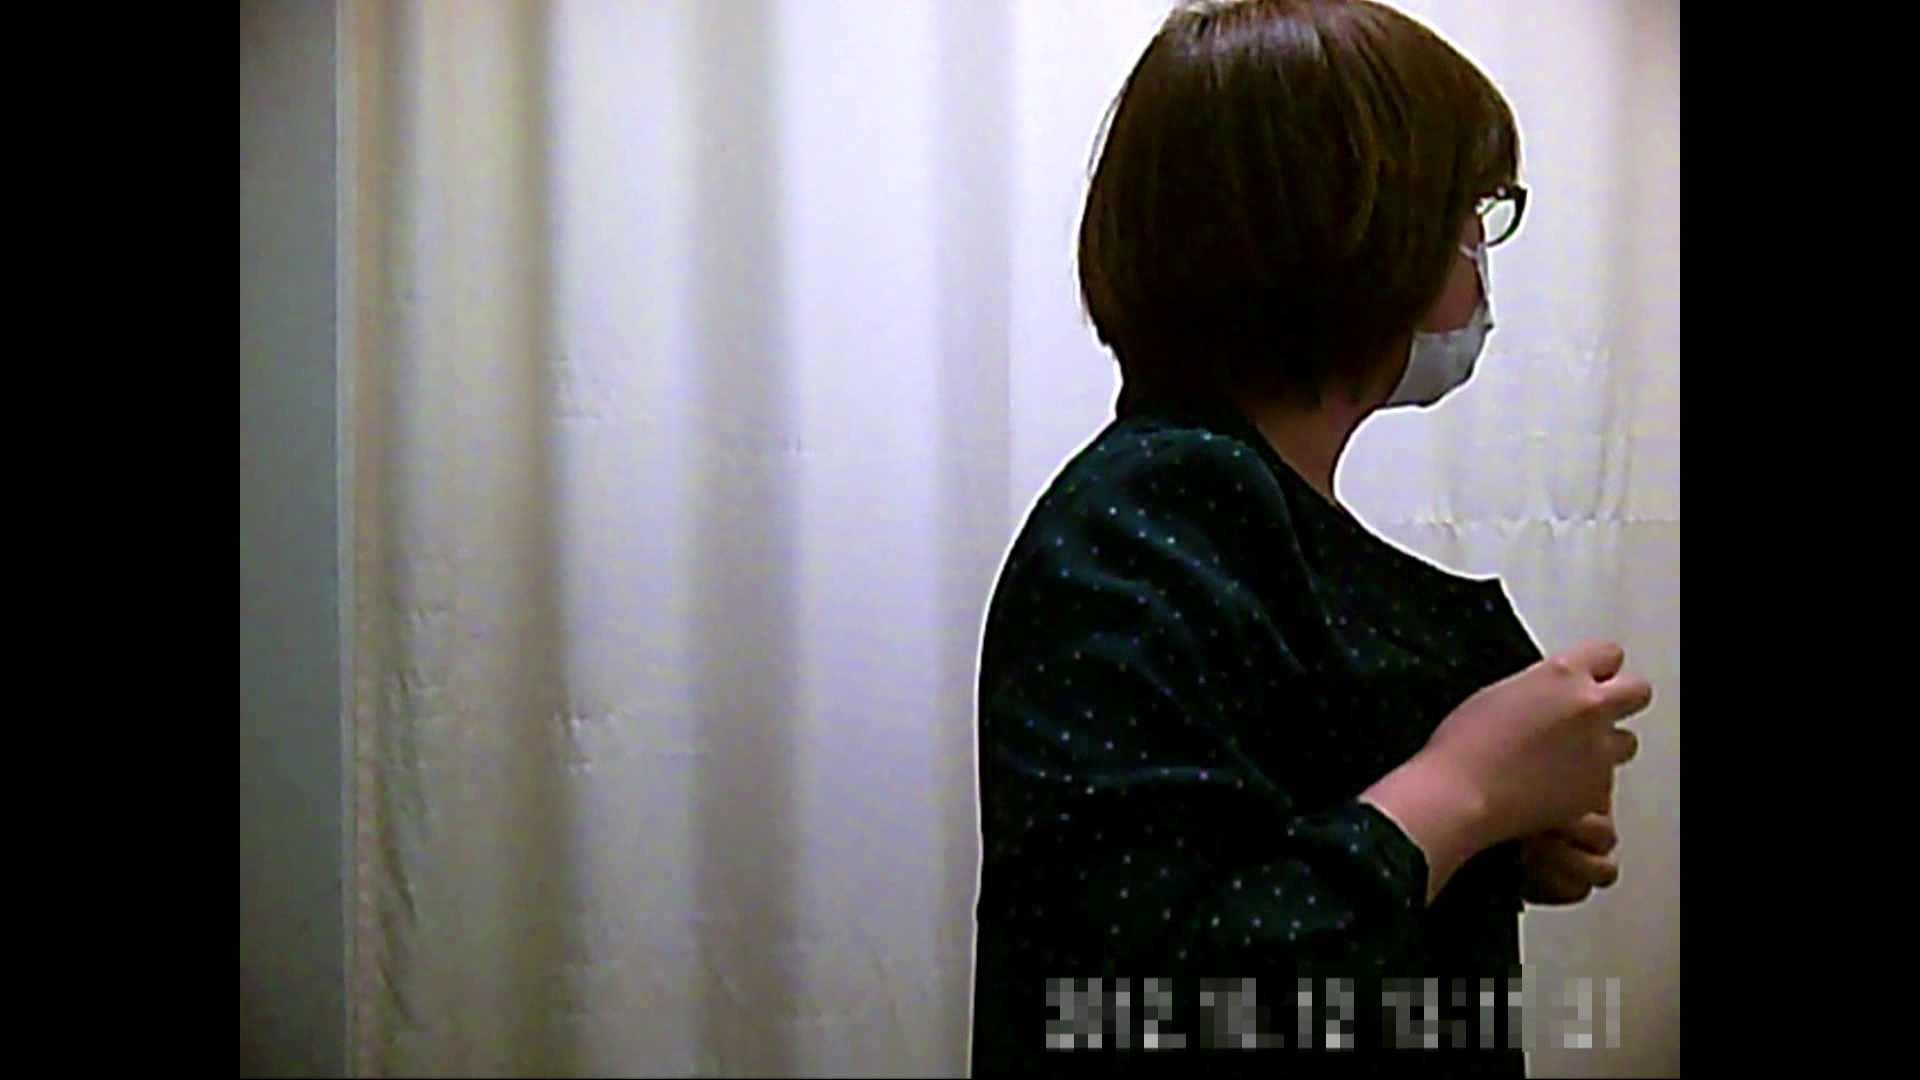 元医者による反抗 更衣室地獄絵巻 vol.061 OLハメ撮り  91Pix 52